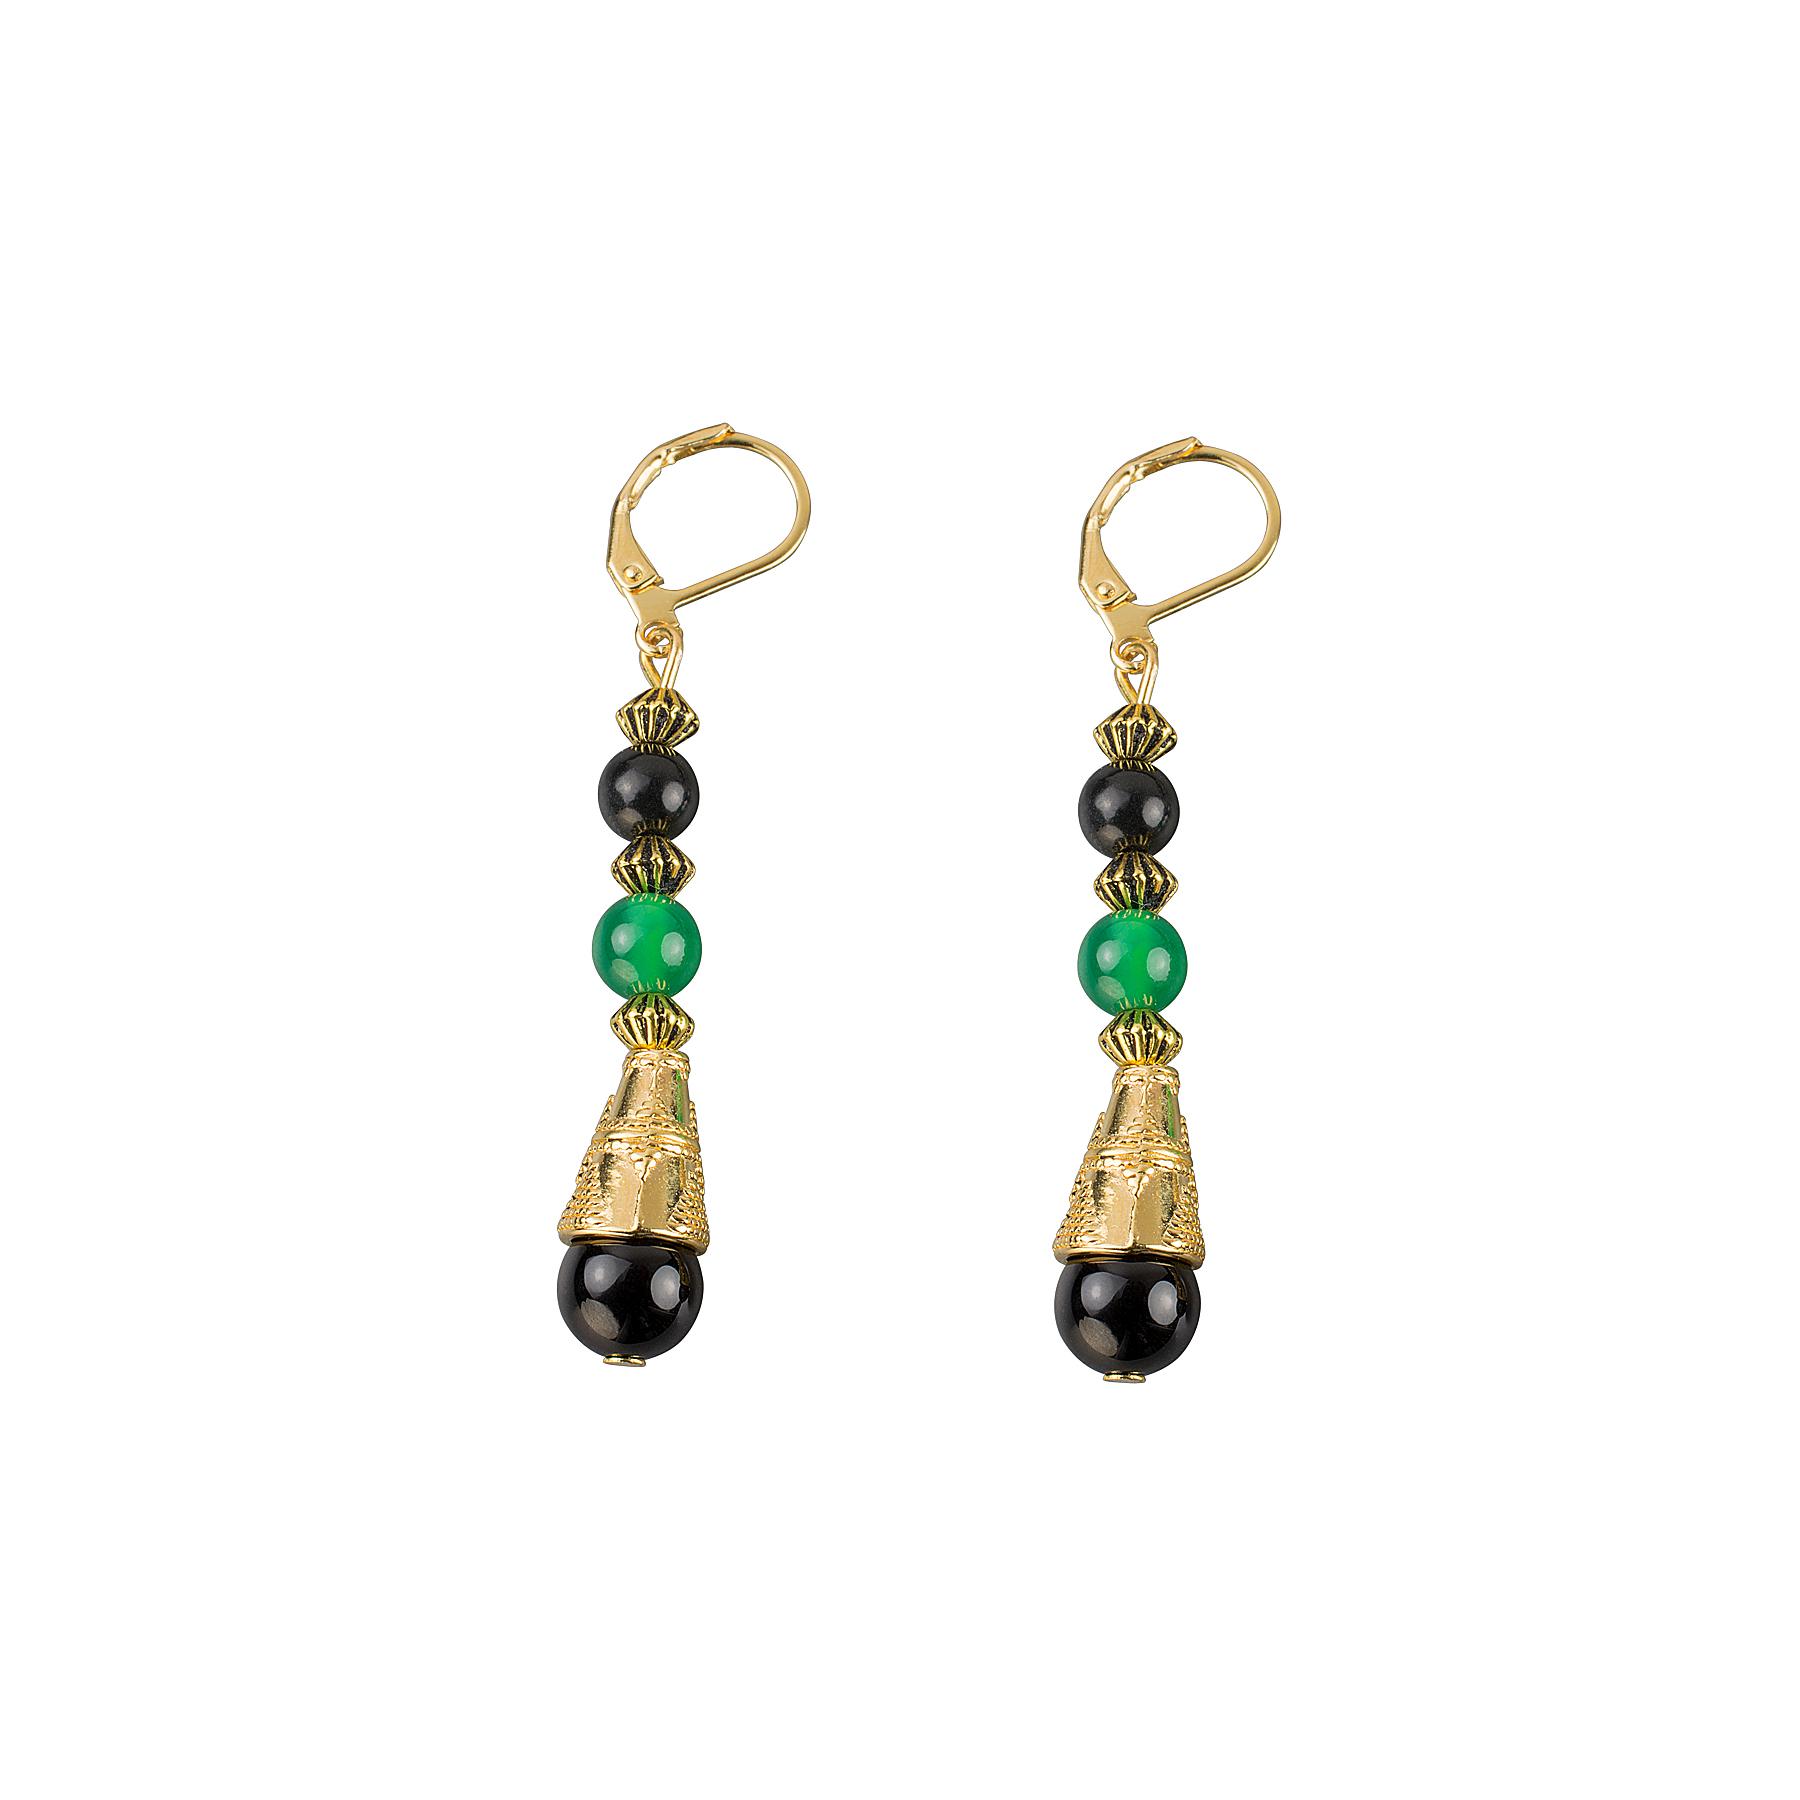 Green agate and onyx  drop earrings